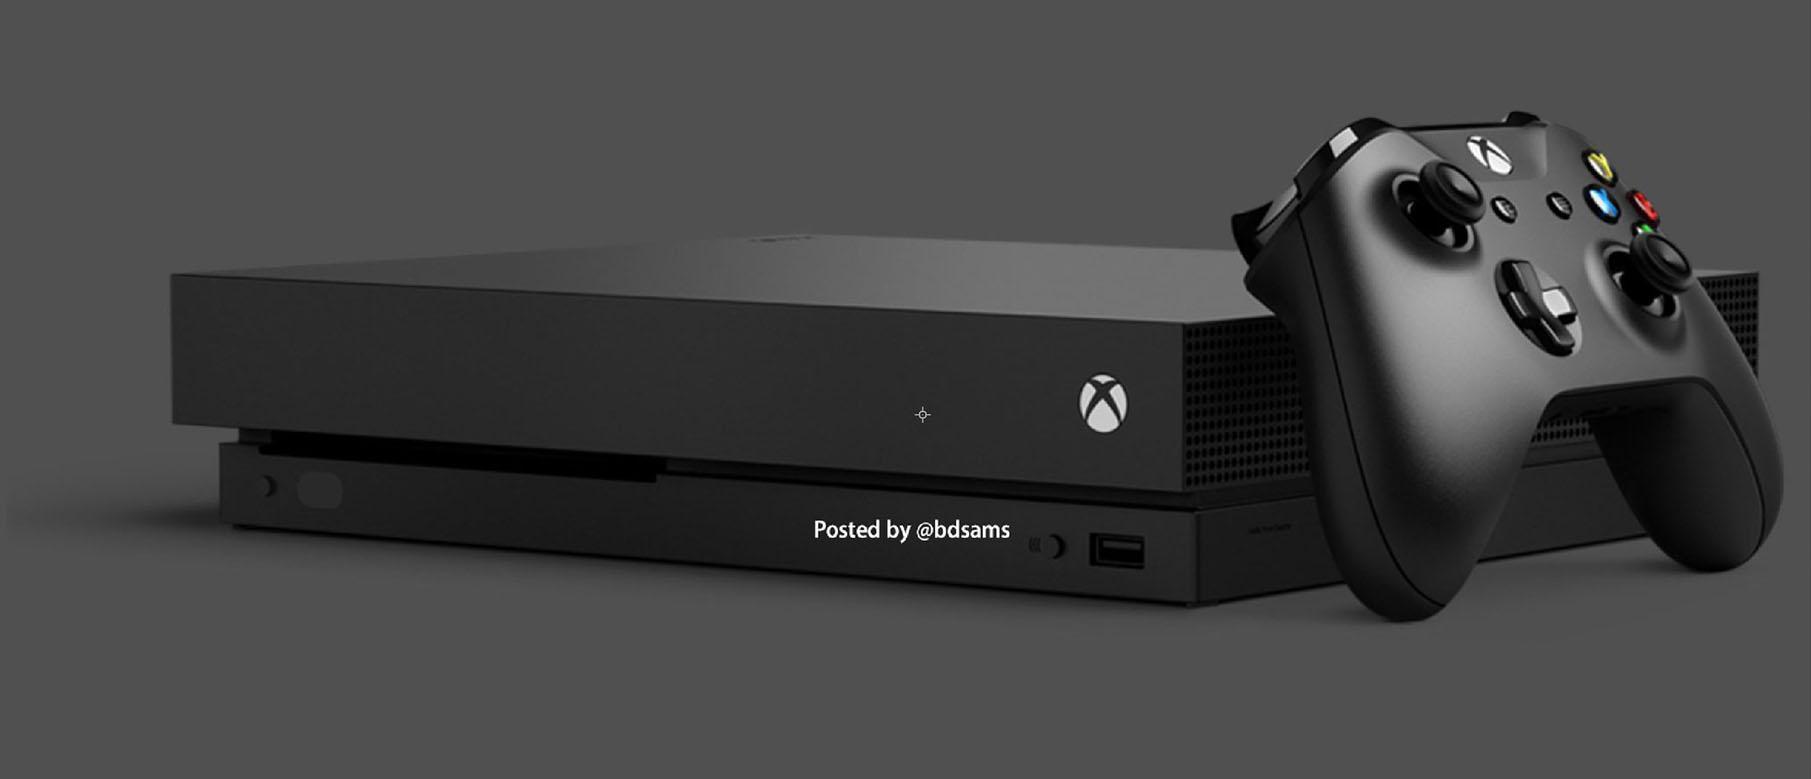 В США и Австралии продавали поддельные Xbox One